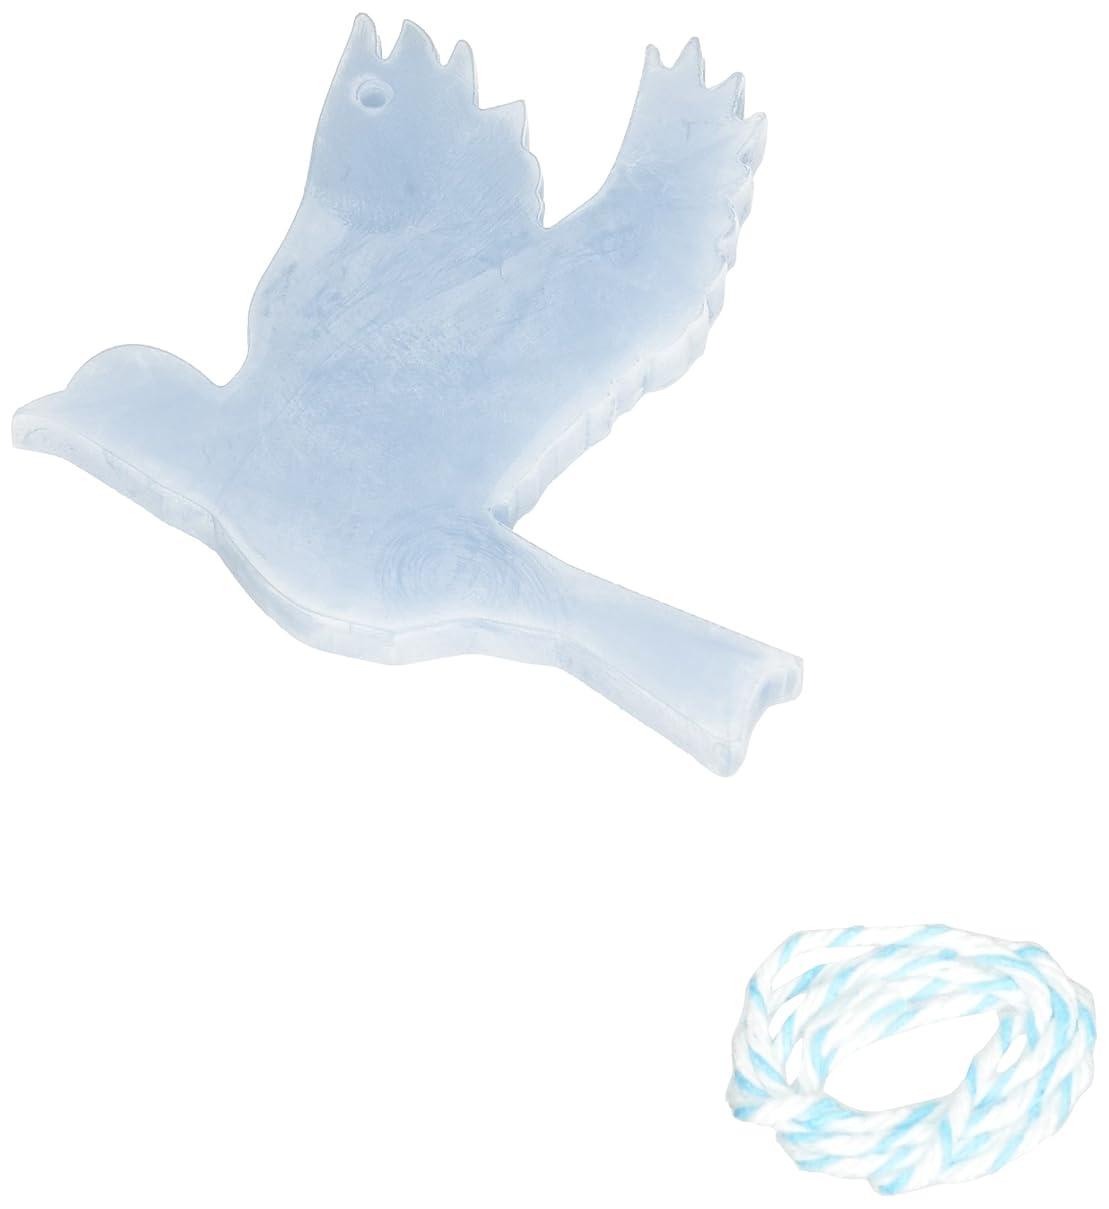 先祖感謝祭借りるGRASSE TOKYO AROMATICWAXチャーム「ハト」(BL) ローズマリー アロマティックワックス グラーストウキョウ